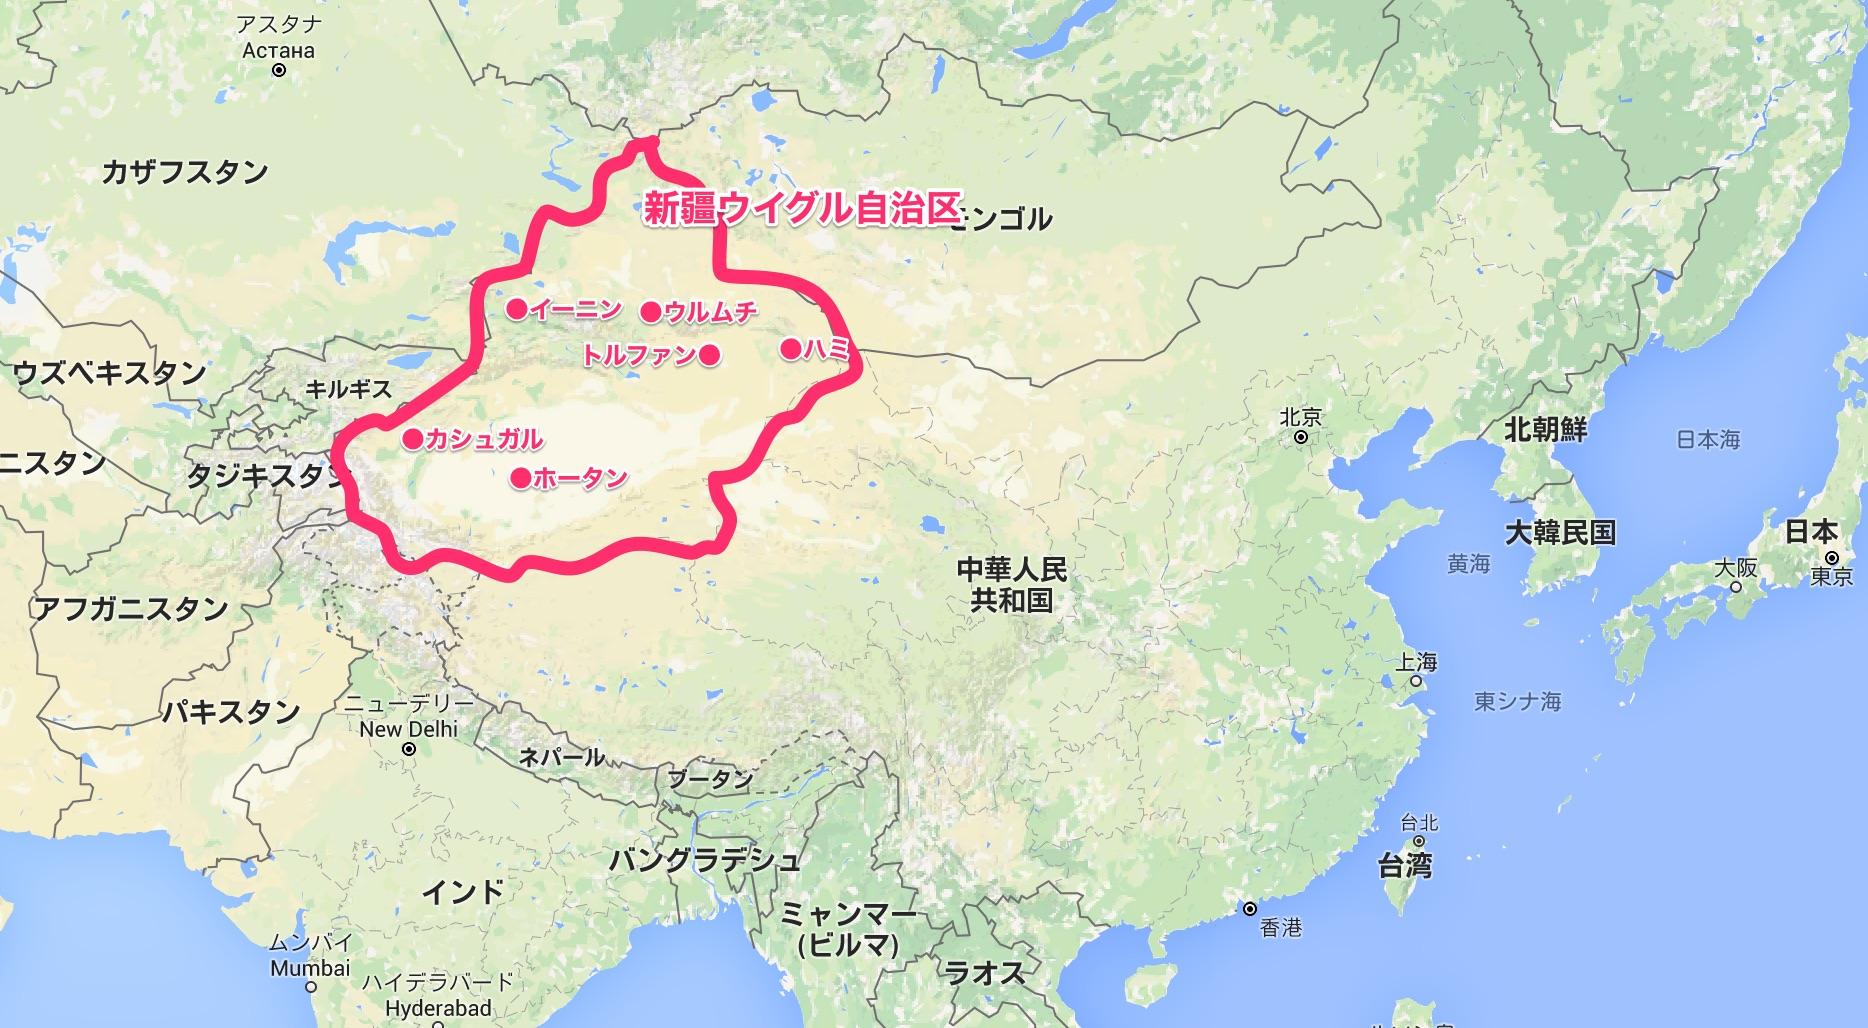 新疆ウイグル自治区マップ